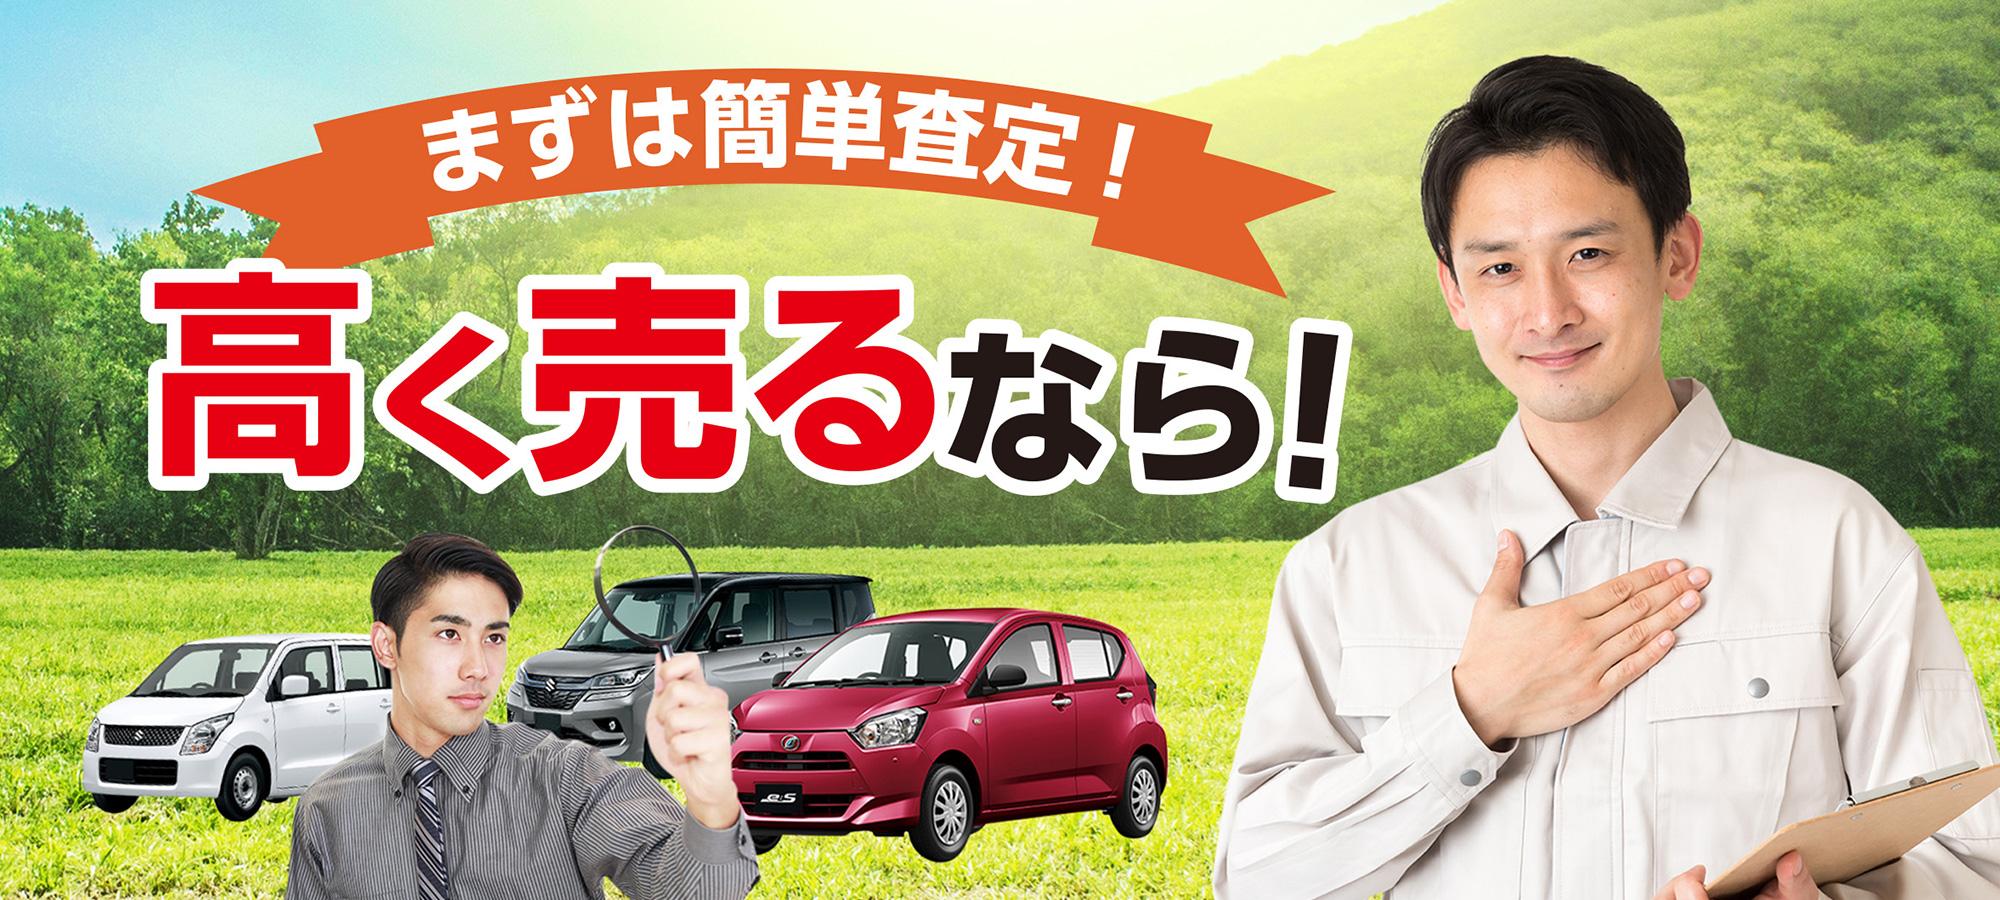 車を売りたい